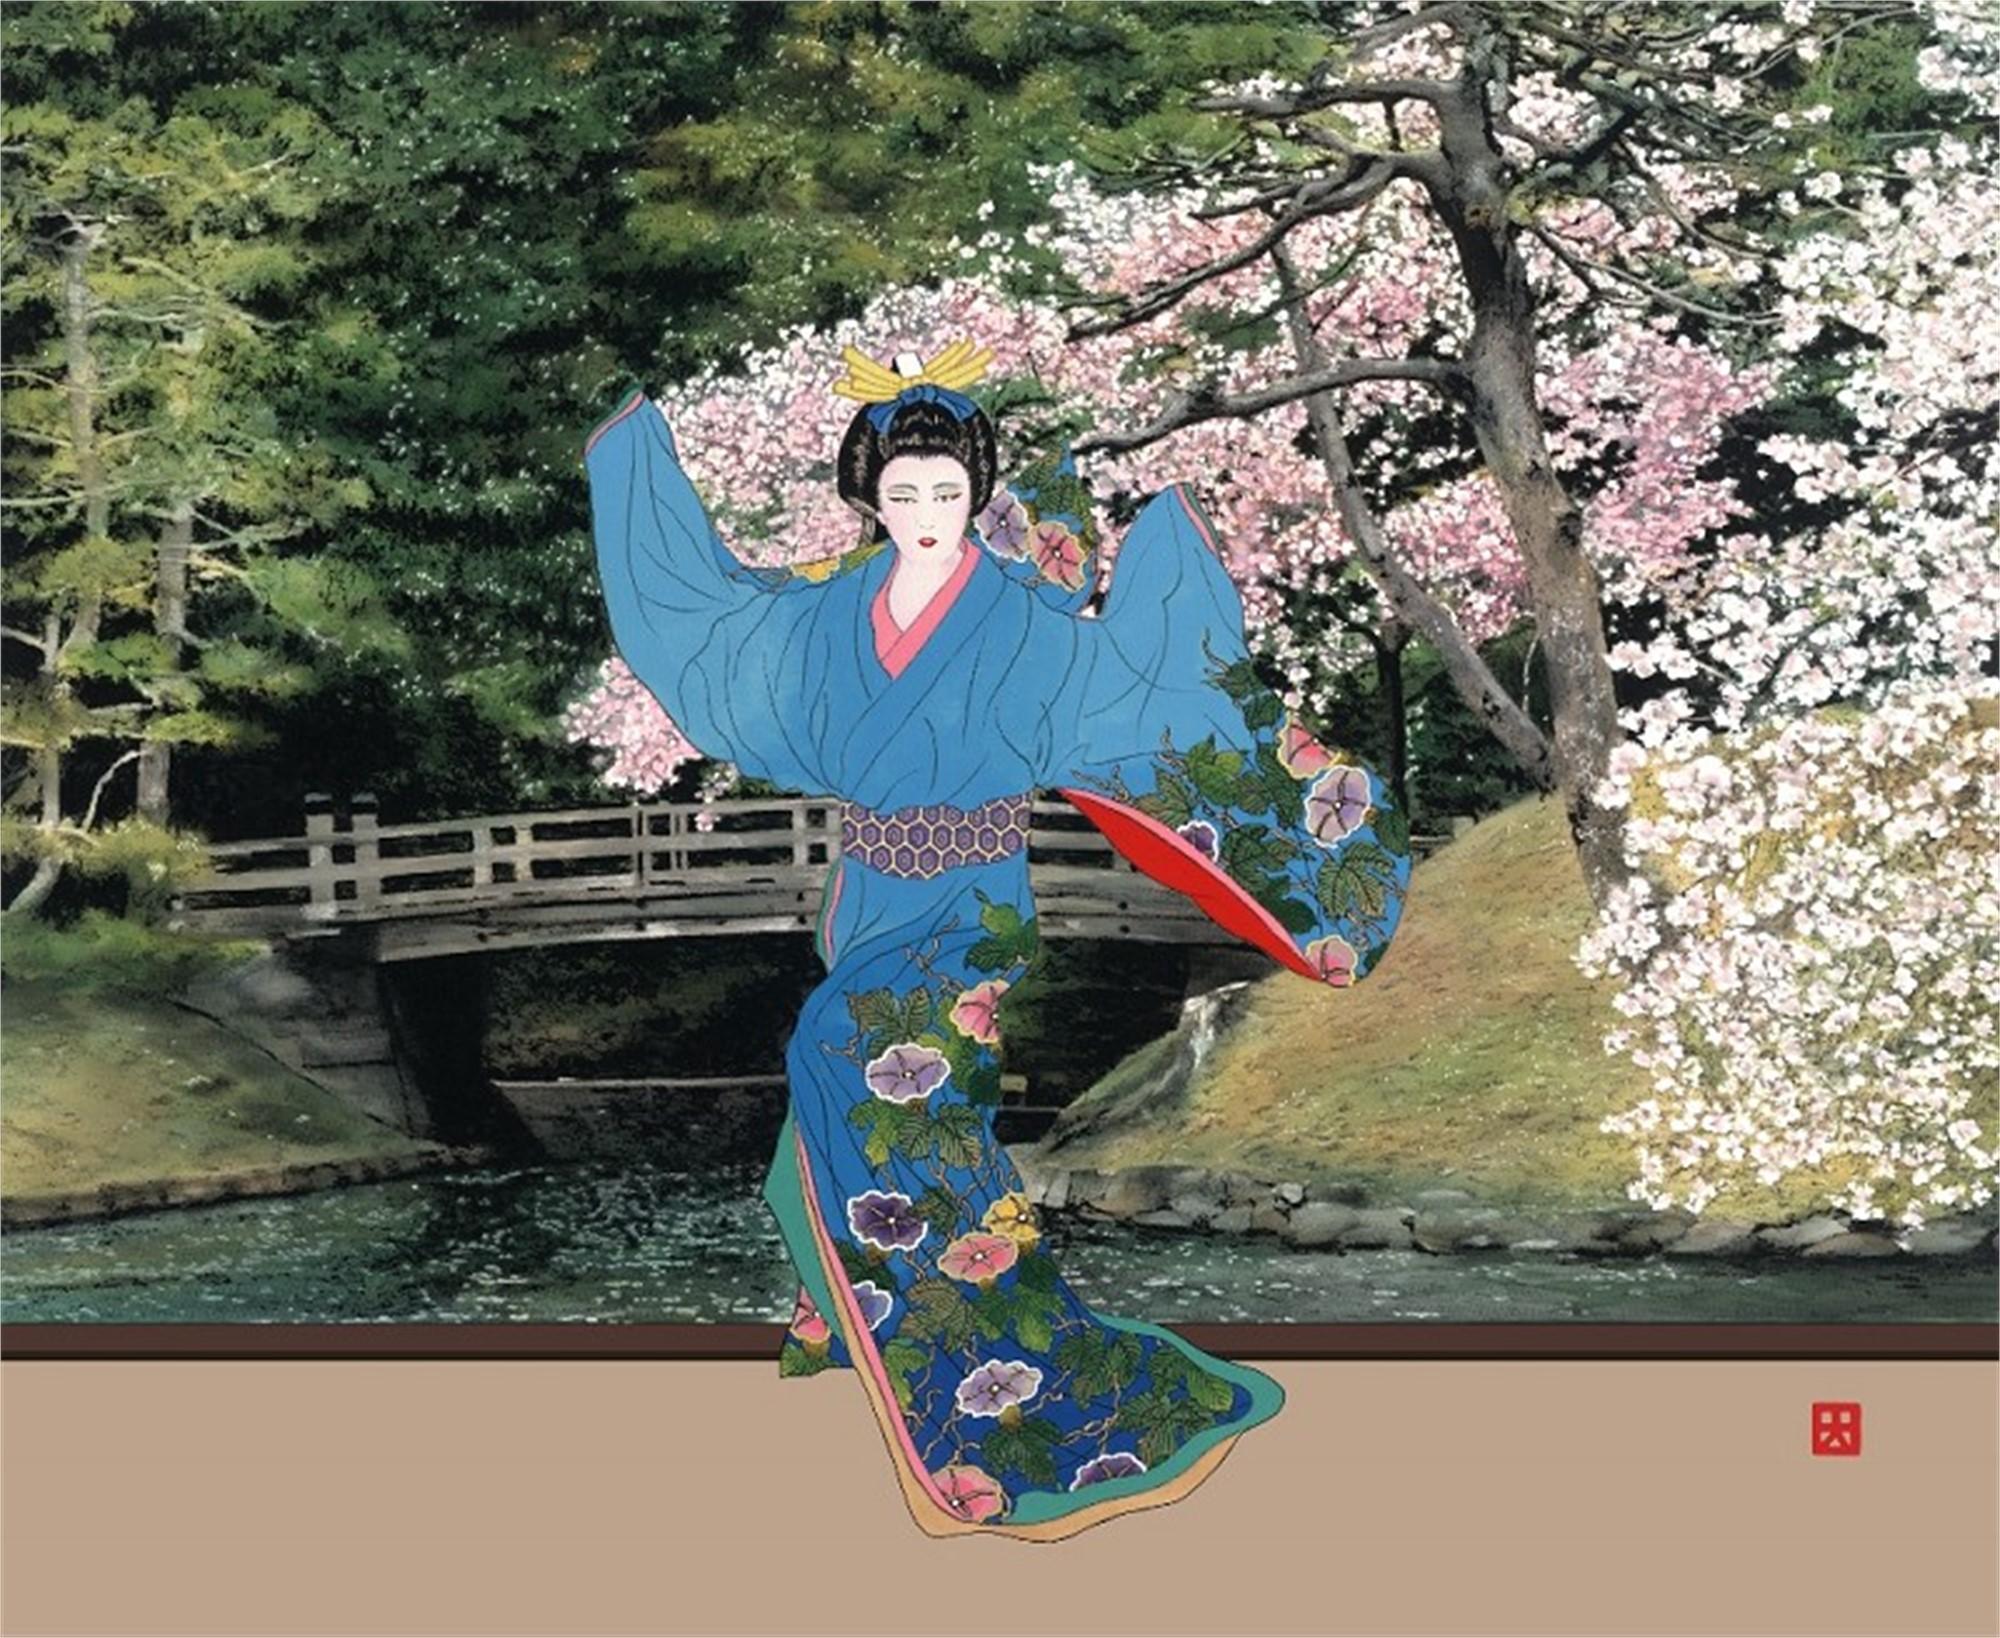 Hama Rikyu Naka no Hashi (Lady Mieko, Garden Suite) by Hisashi Otsuka